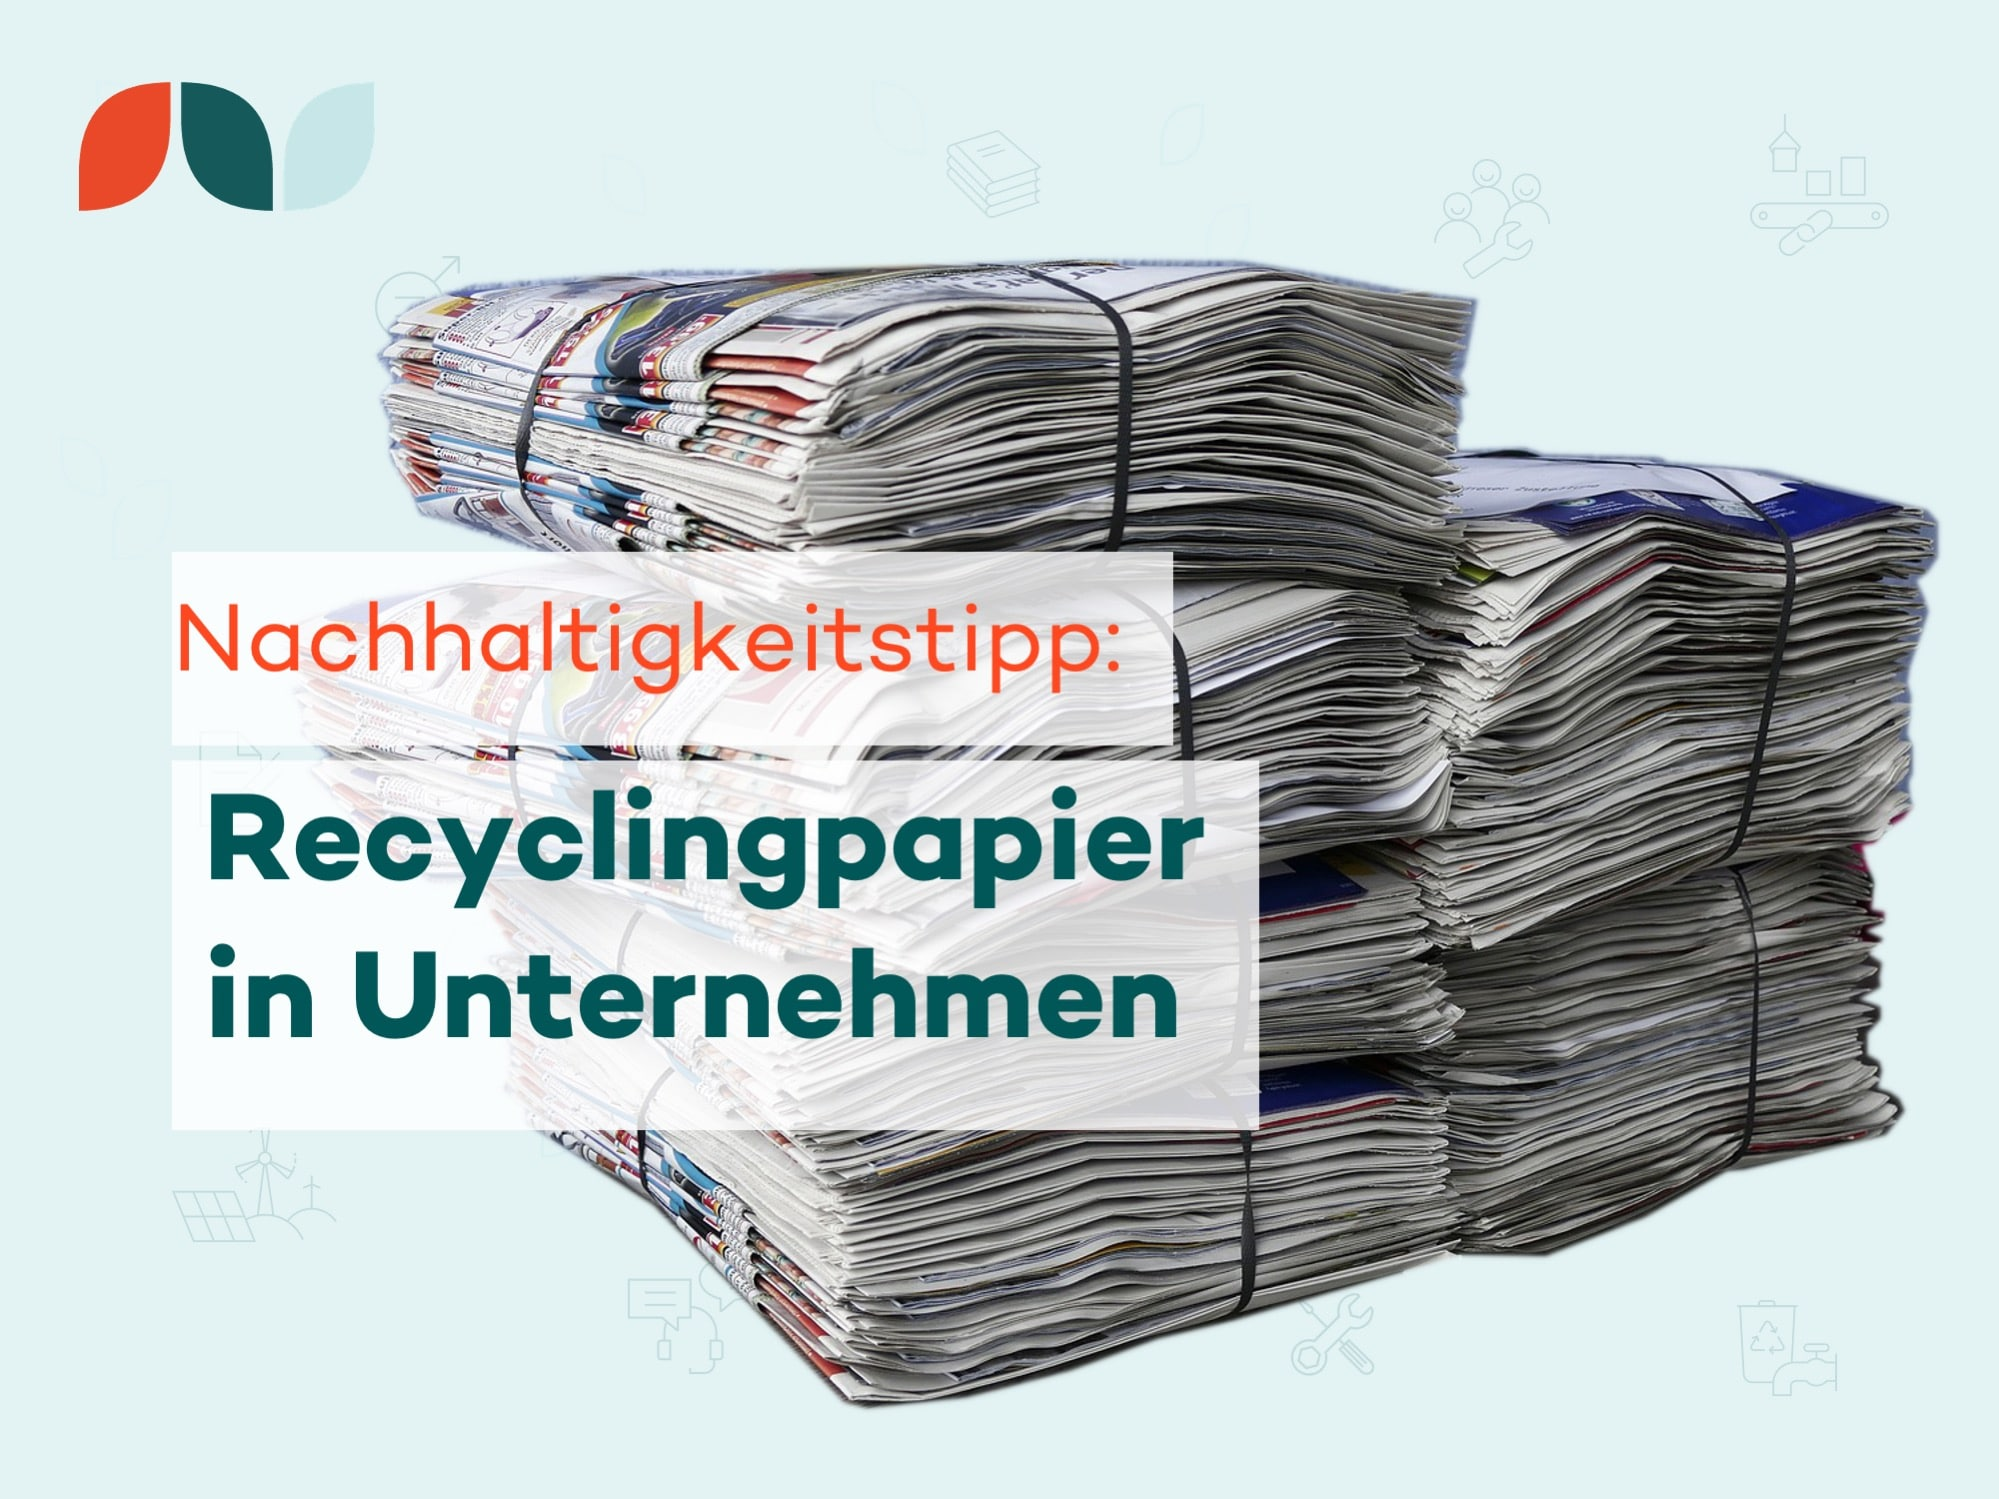 Thumbnail-Nachhaltigkeitstipp Recycling Papier